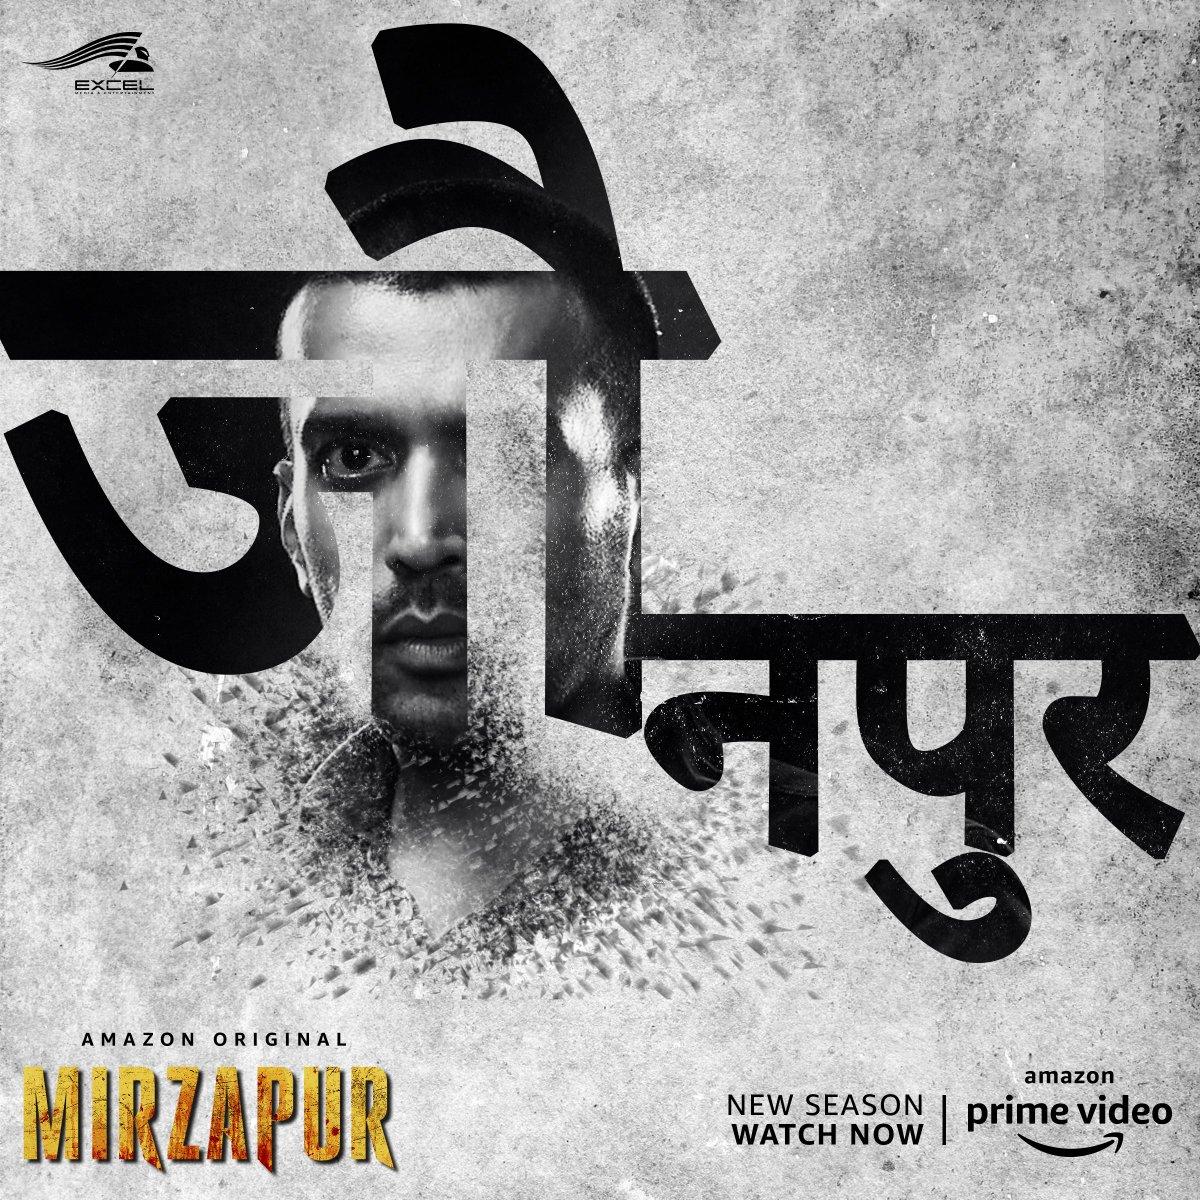 Jaunpur ka nahi, Mirzapur ka control chahiye. @an_3jum